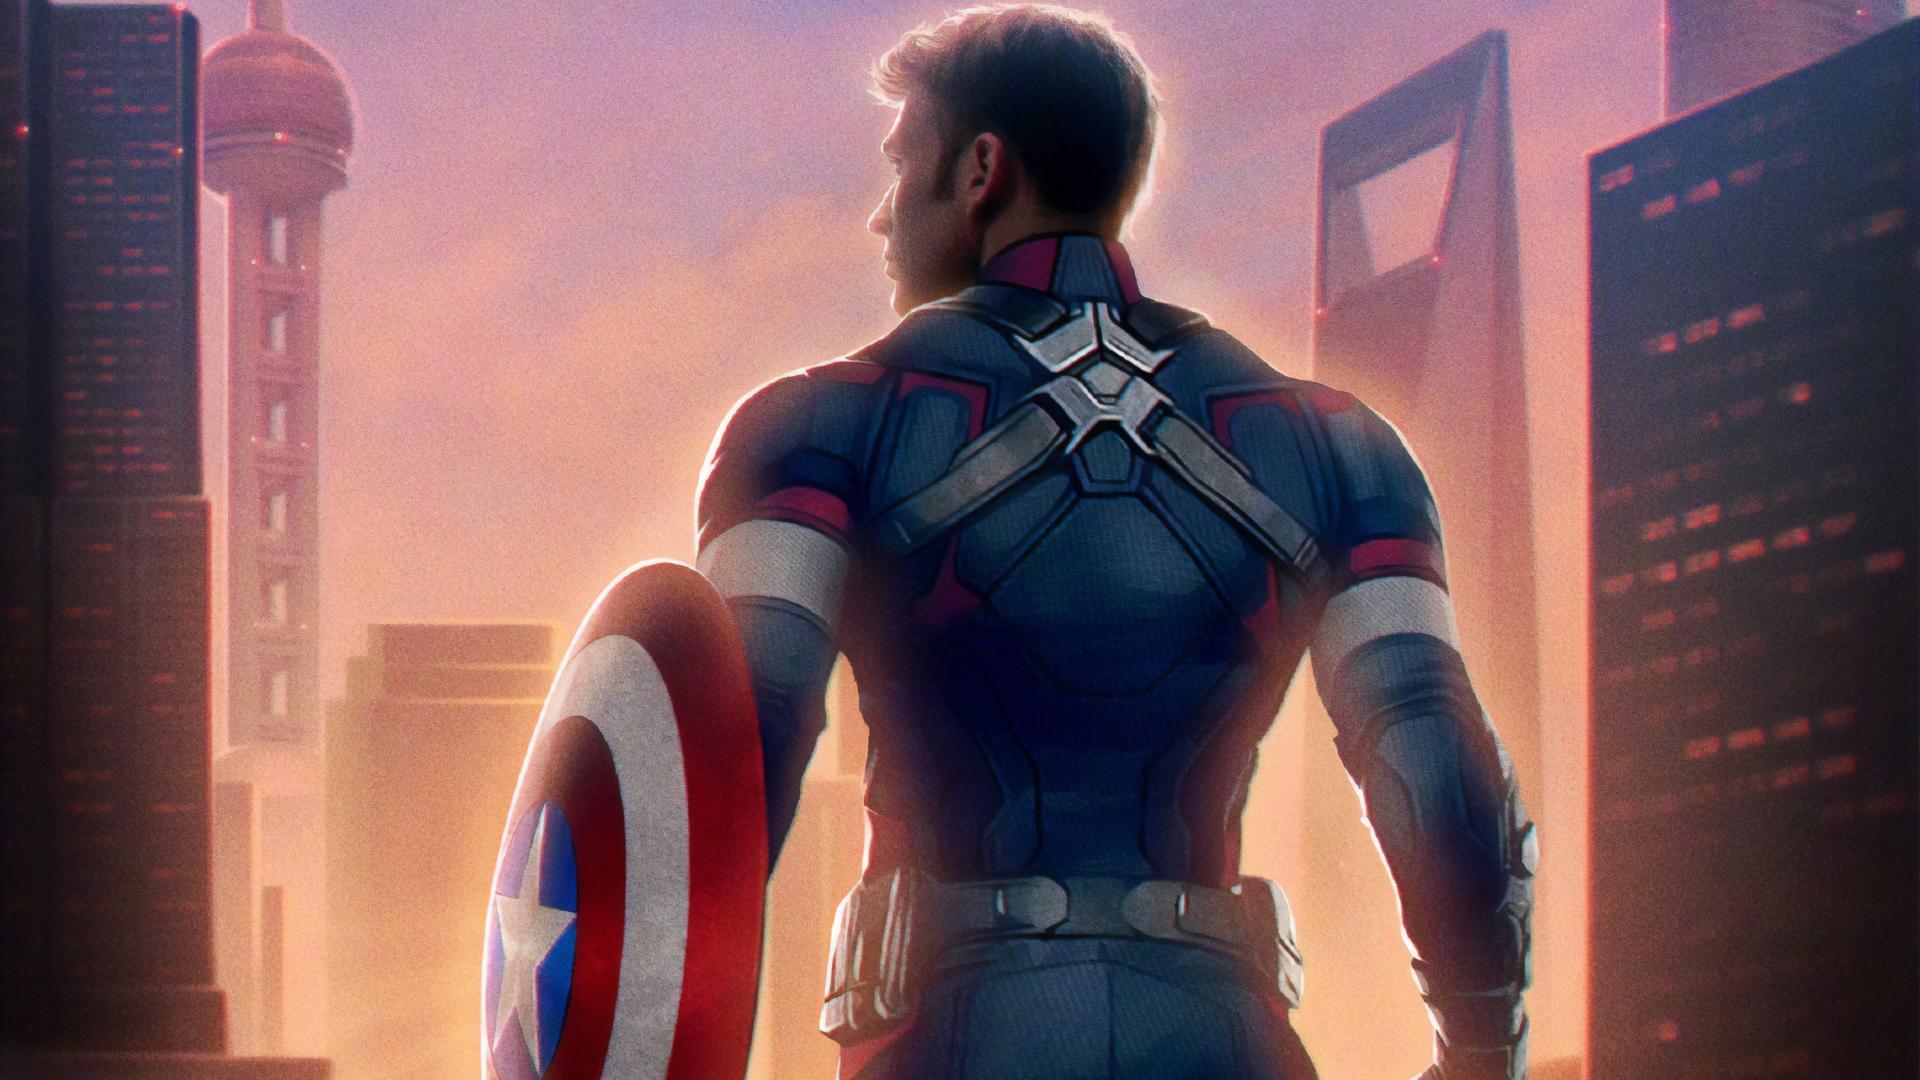 1920x1080 Captain America Avengers Endgame 1080p Laptop Full